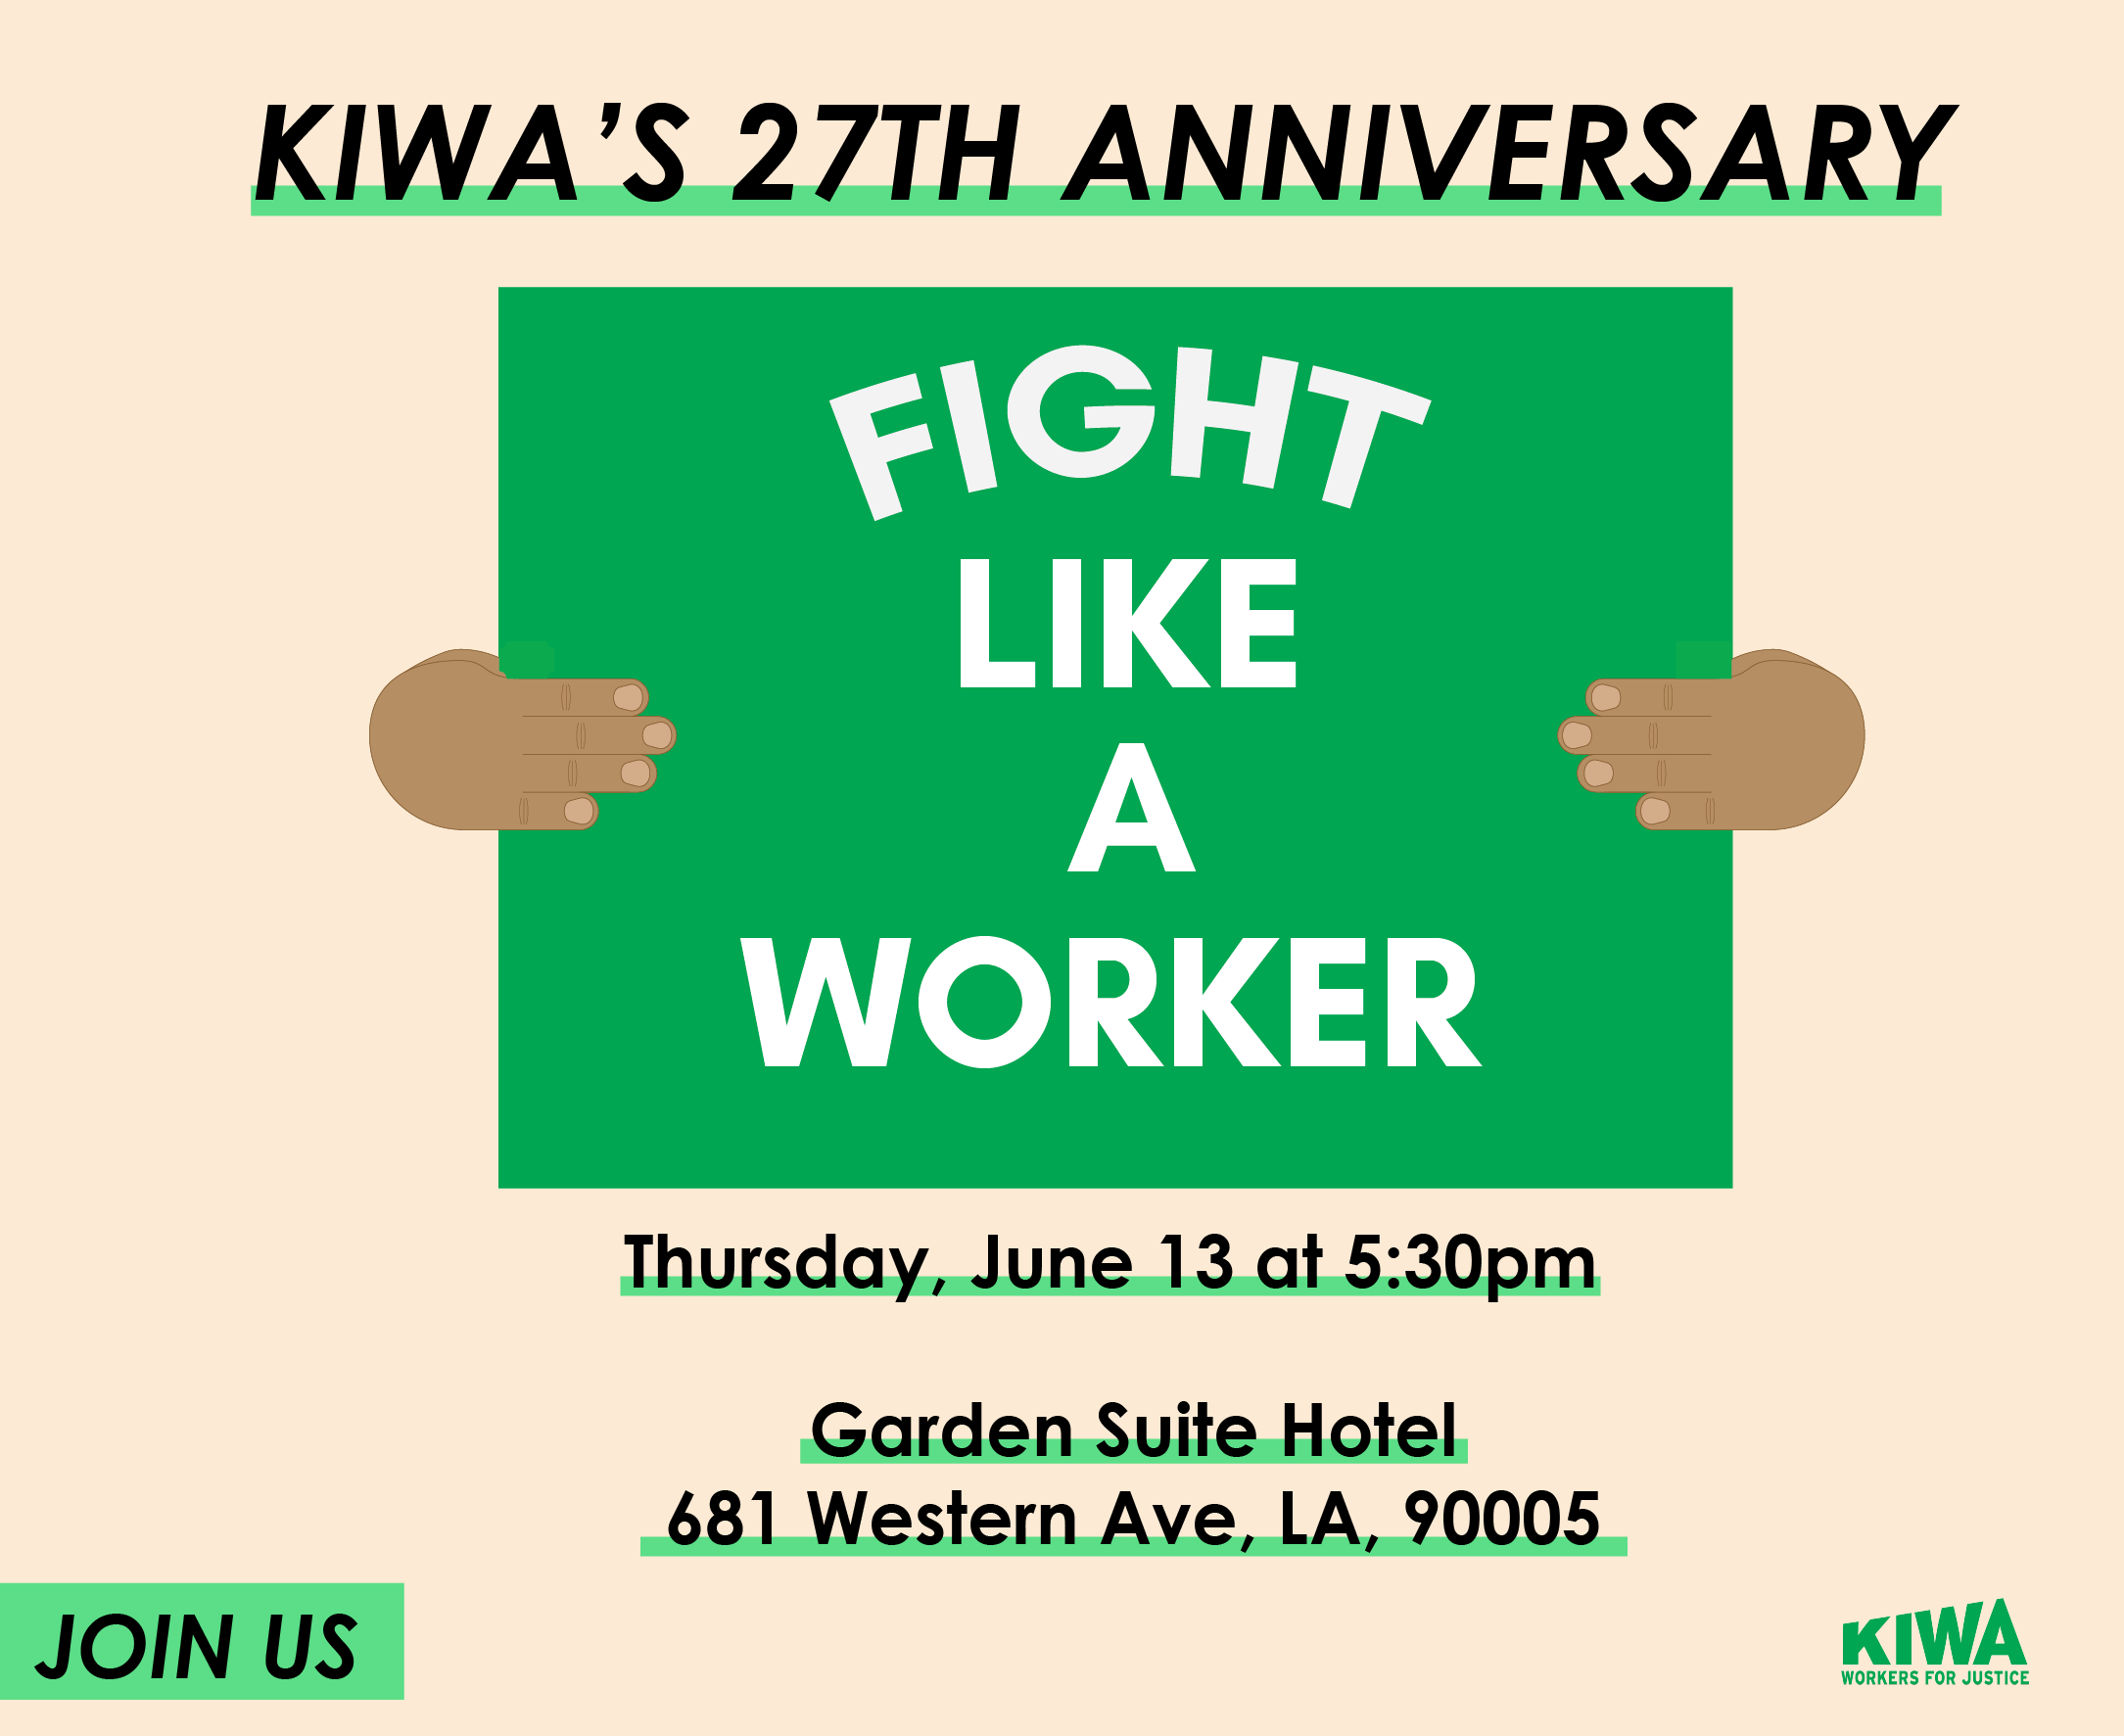 KIWA_27_Anniversary_Flyer_7.png